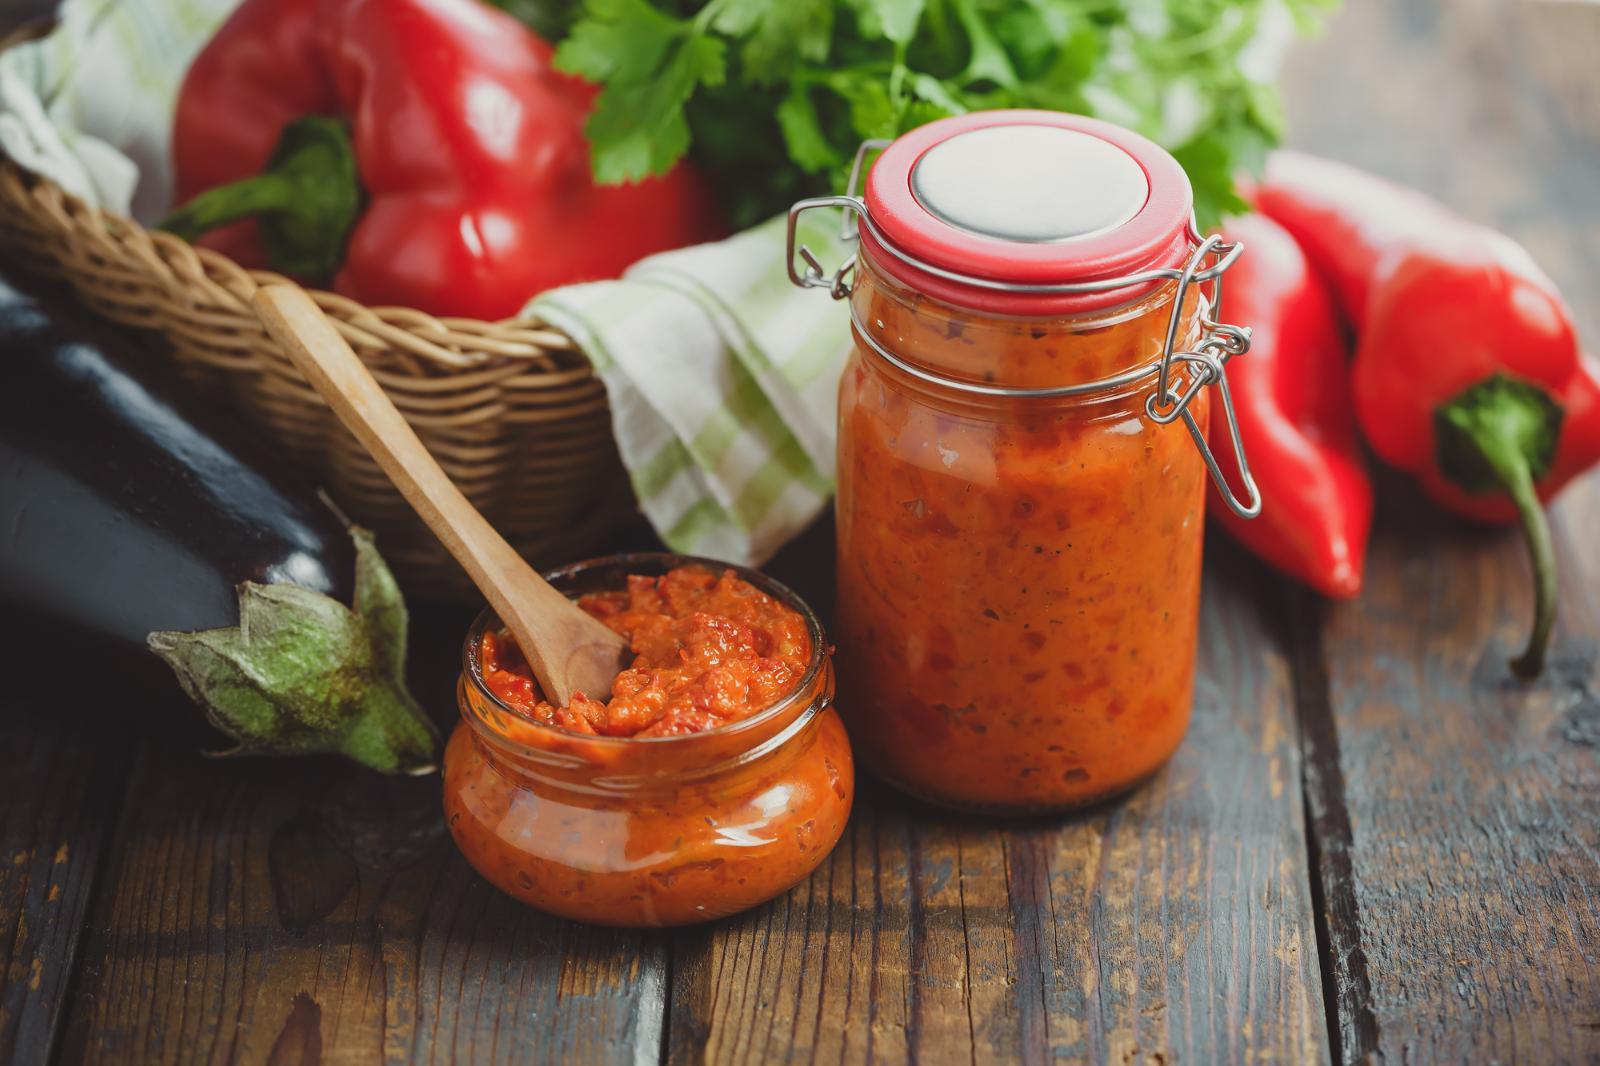 Айвар: рецепт по-сербски на зиму и 2 оригинальных варианта приготовления соуса